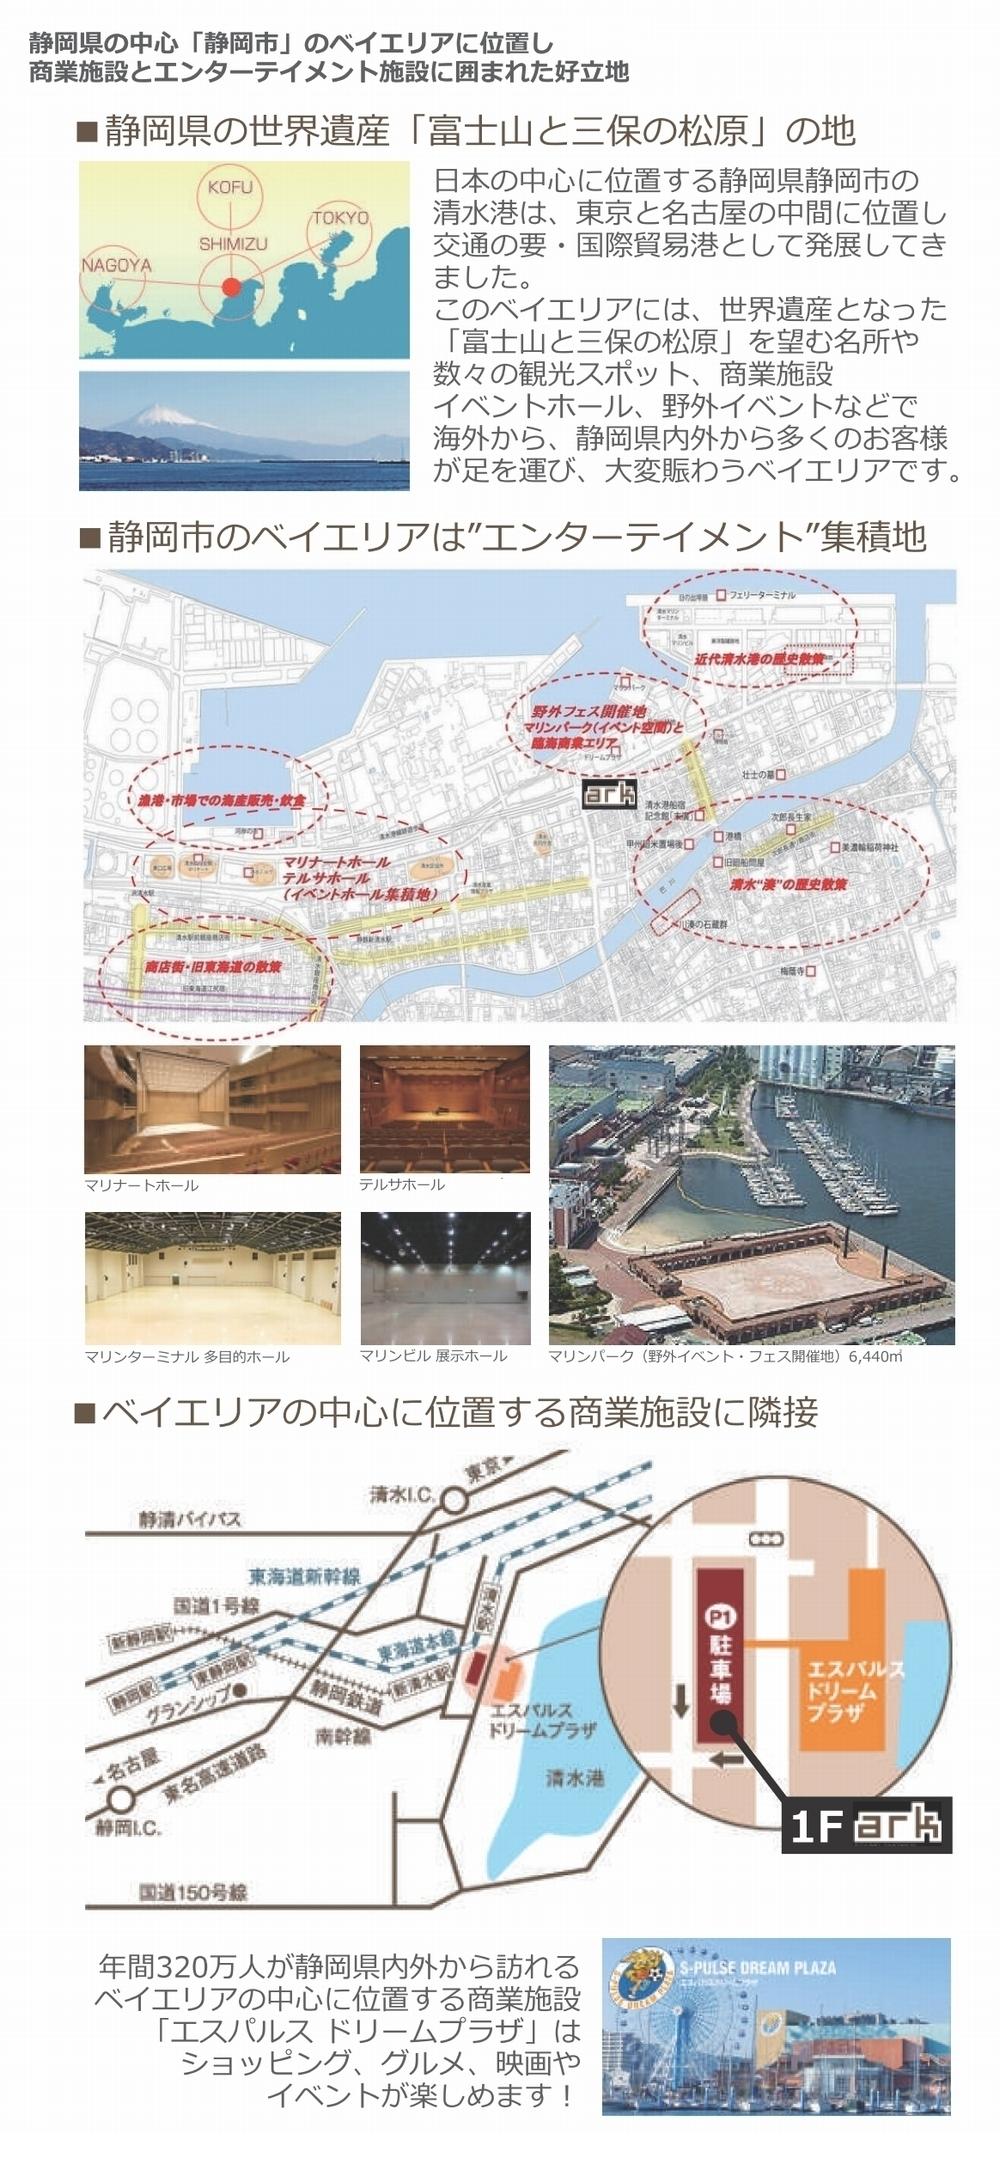 静岡サウンドシャワーアークのロケーション